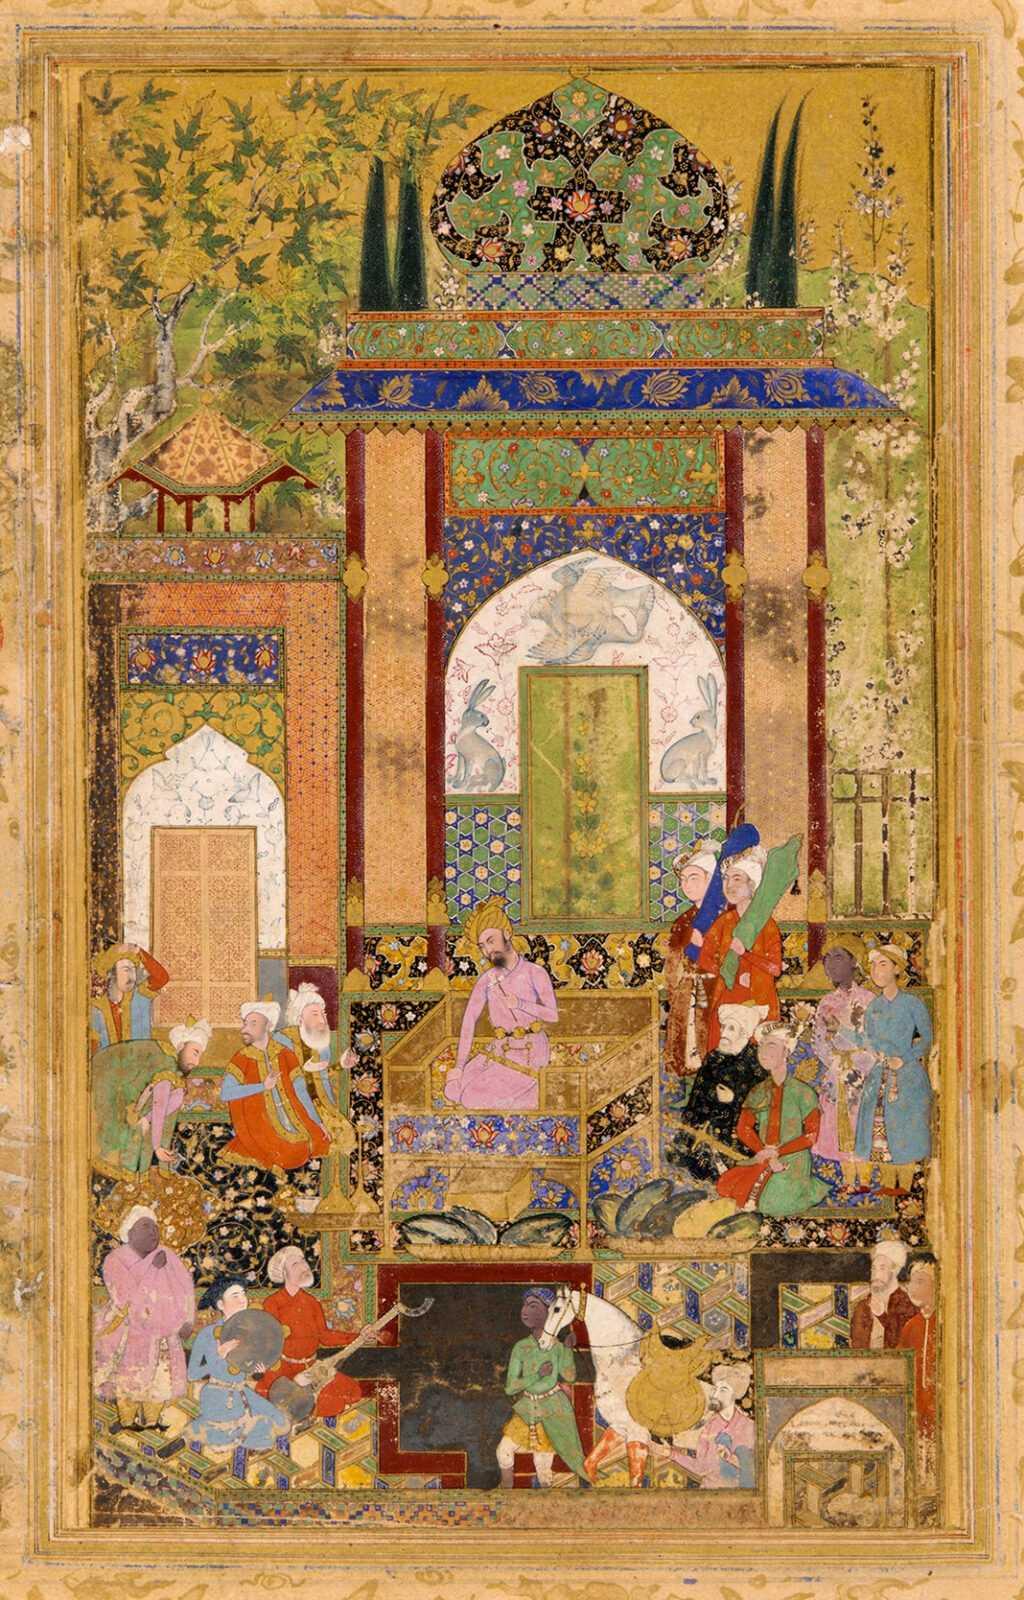 Pengaruh Persia dalam Aliran Seni Mughal 1 Pengaruh Persia